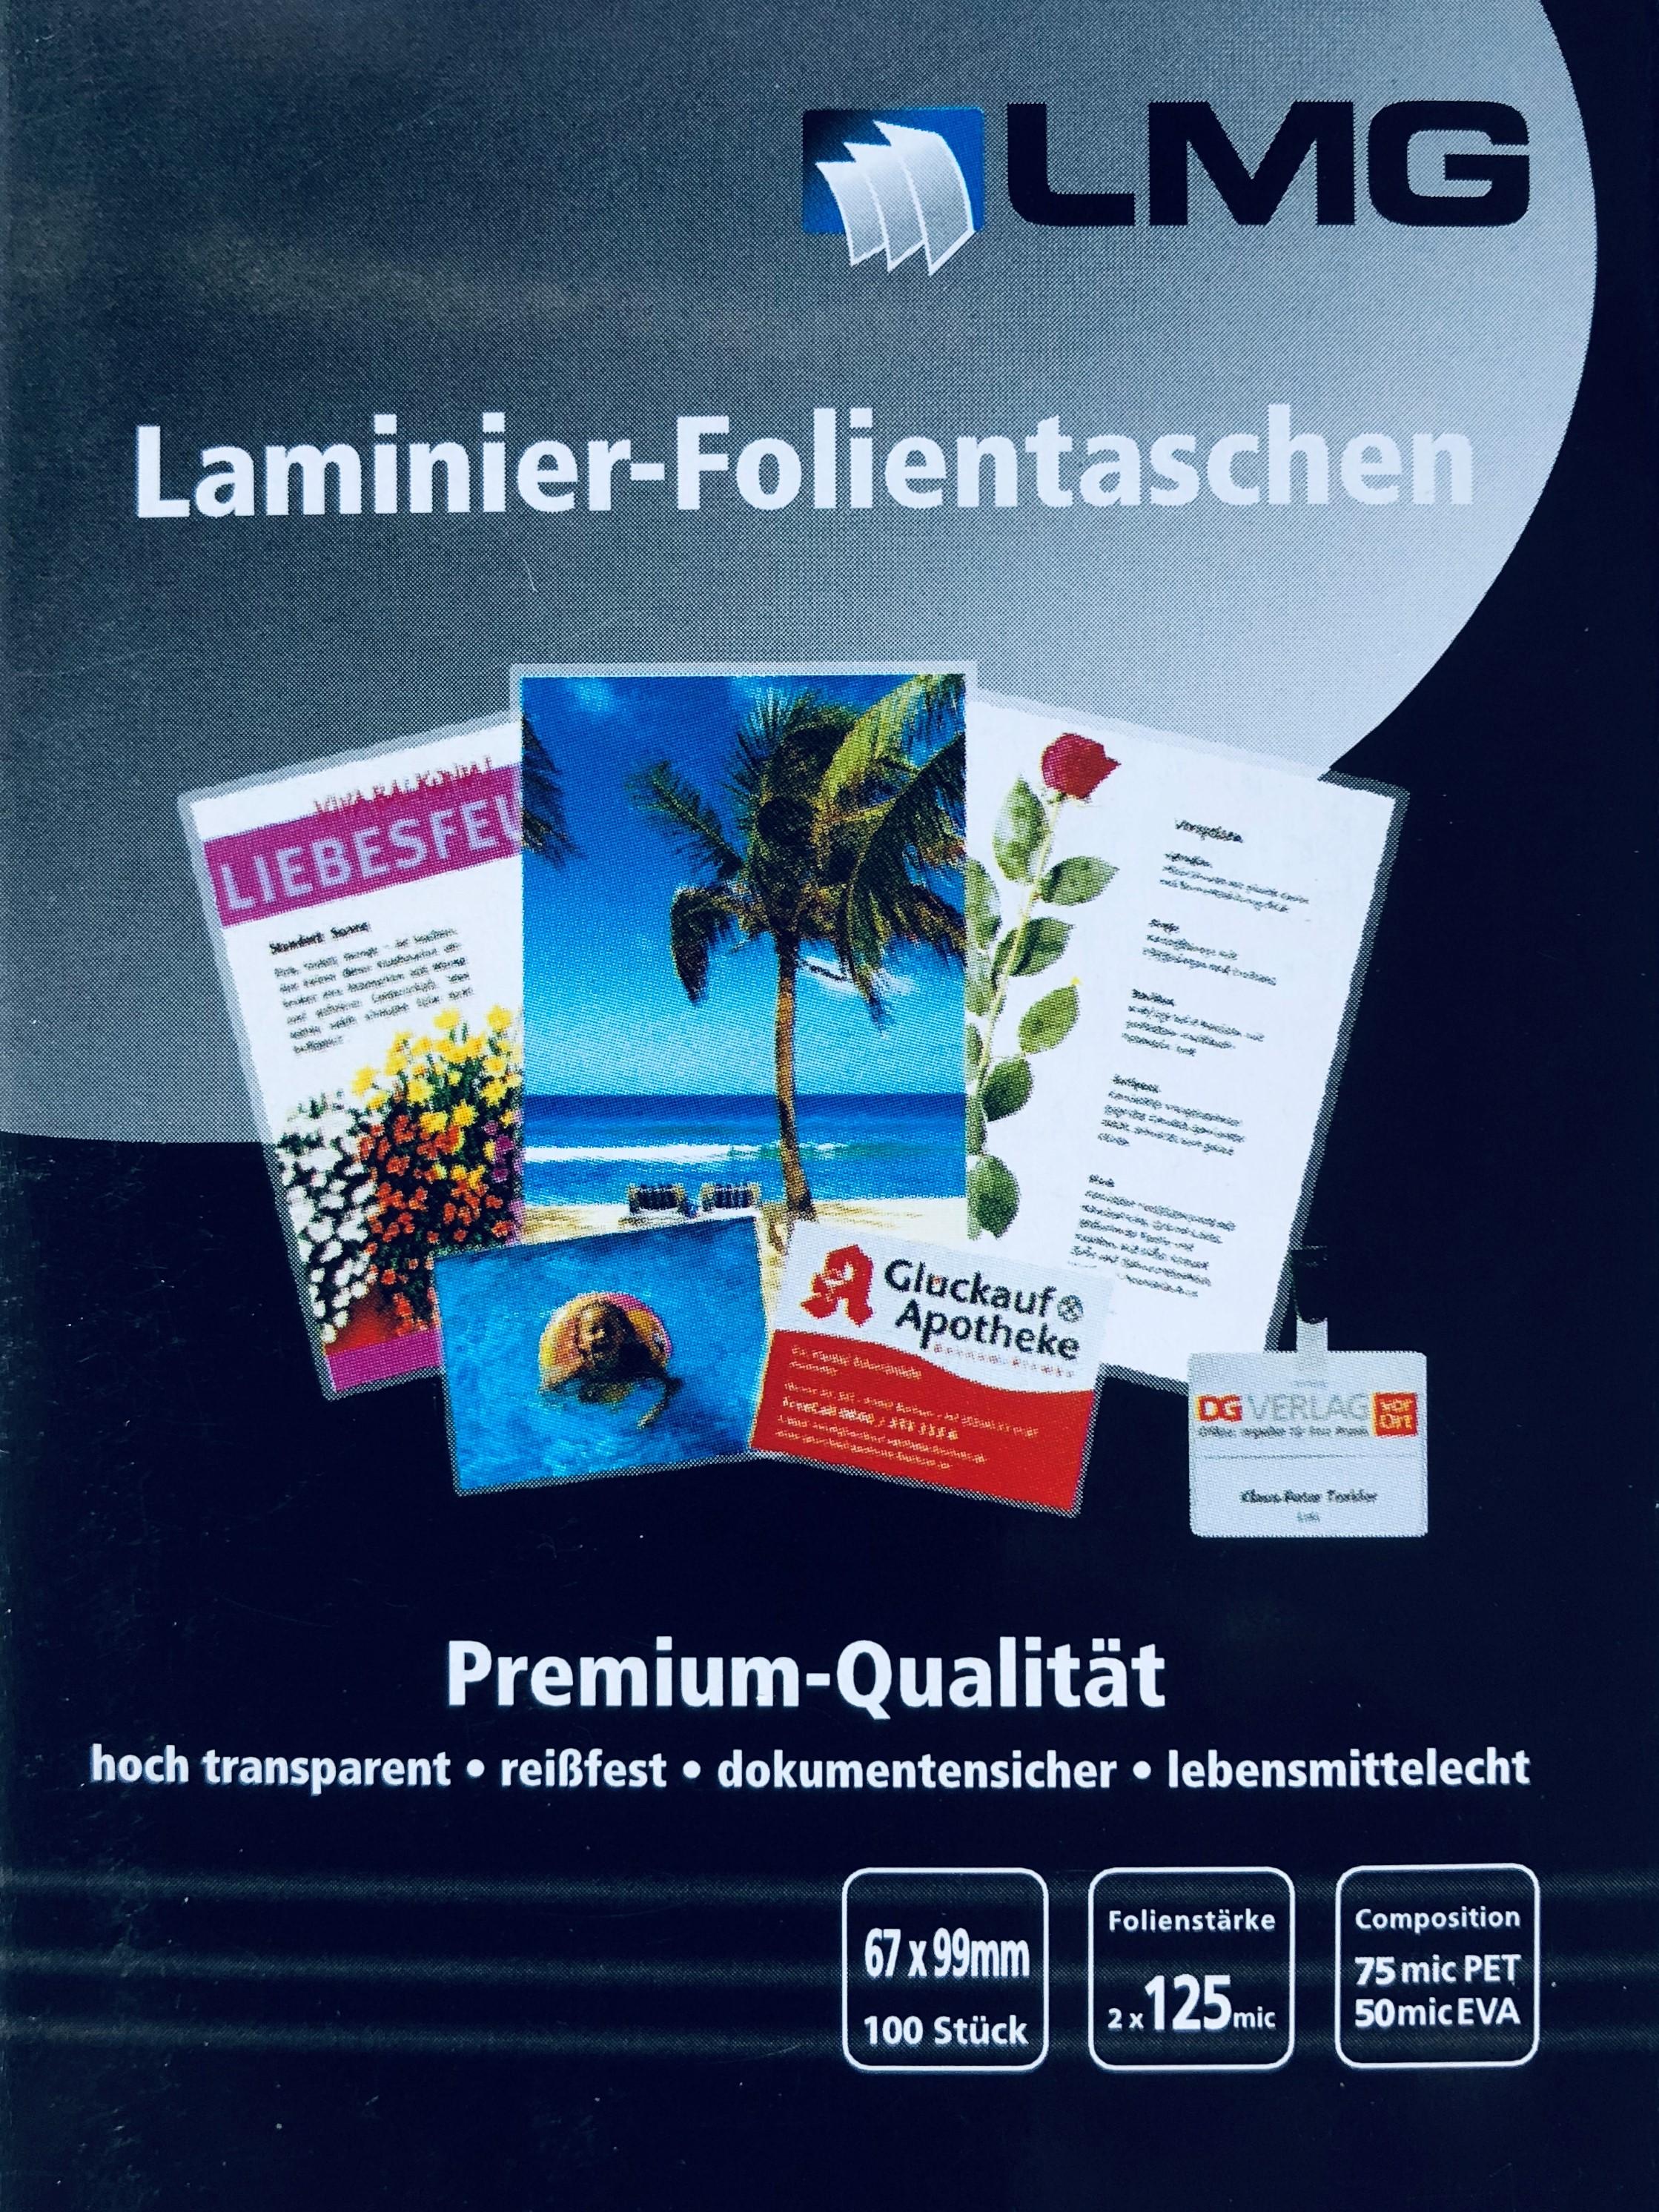 100 Laminierfolien Laminiertaschen Folientaschen A4 2x75 mic Günstig!